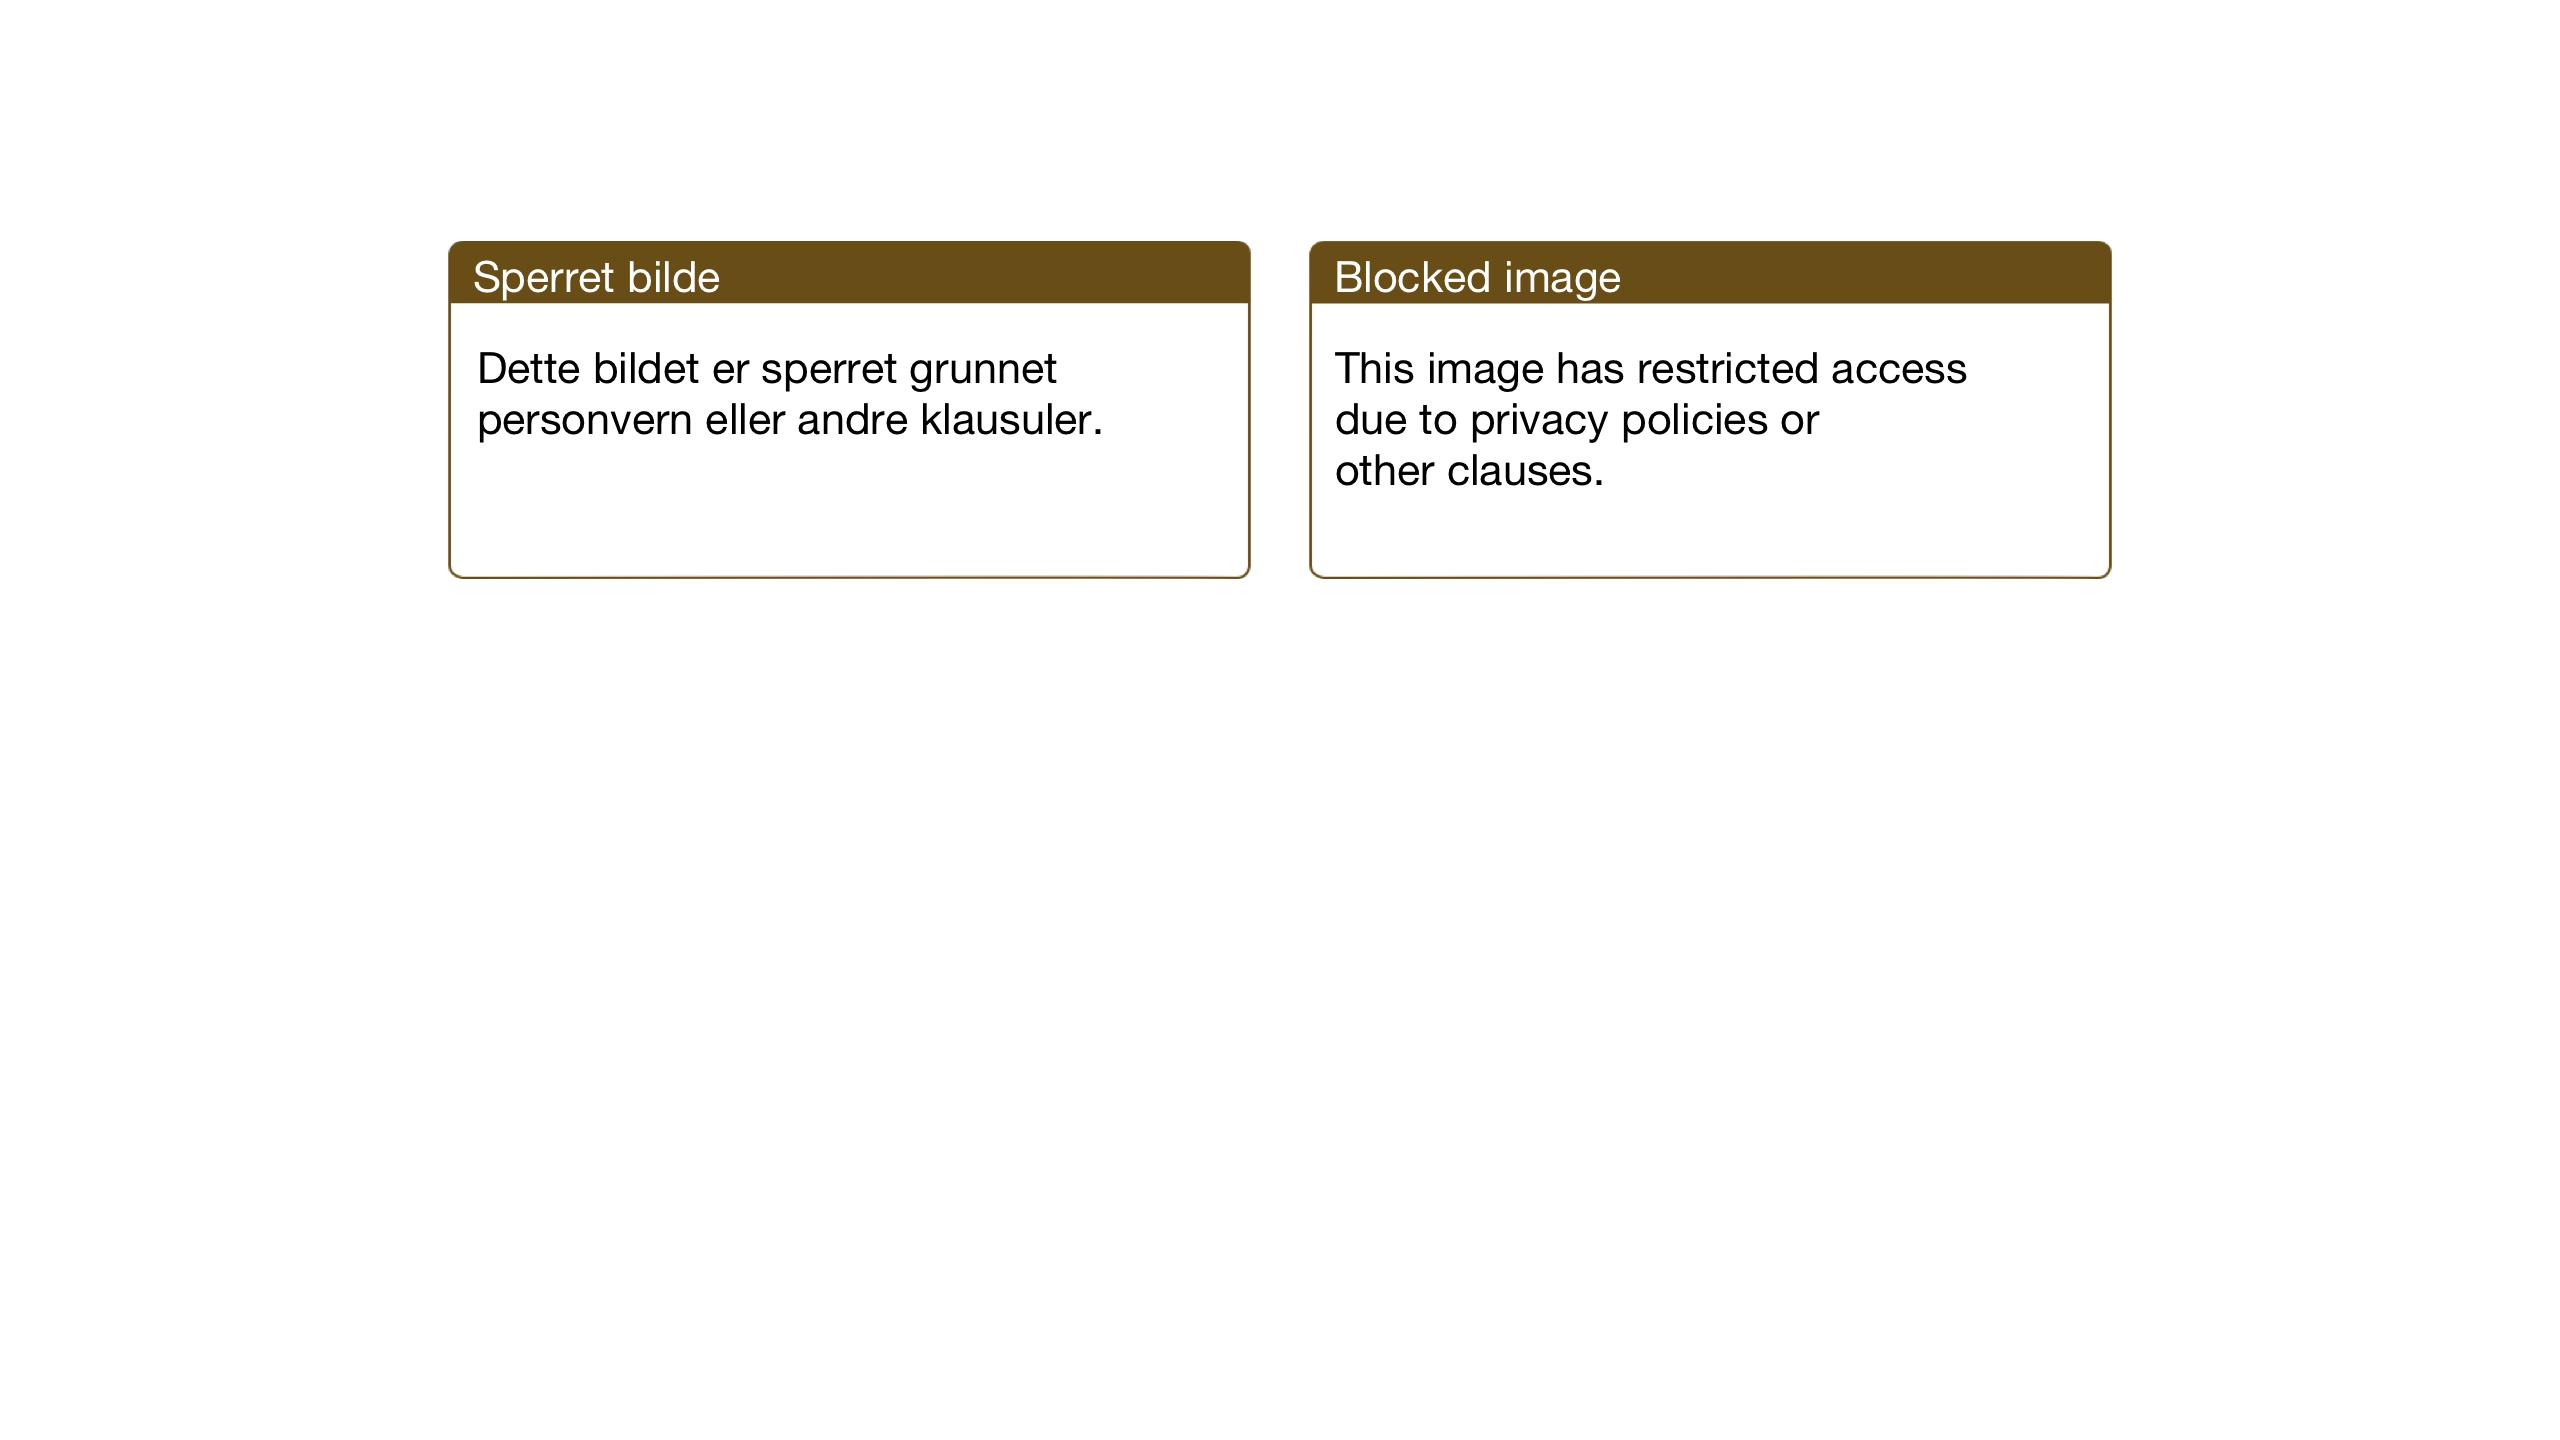 SAT, Ministerialprotokoller, klokkerbøker og fødselsregistre - Nord-Trøndelag, 768/L0583: Klokkerbok nr. 768C01, 1928-1953, s. 61